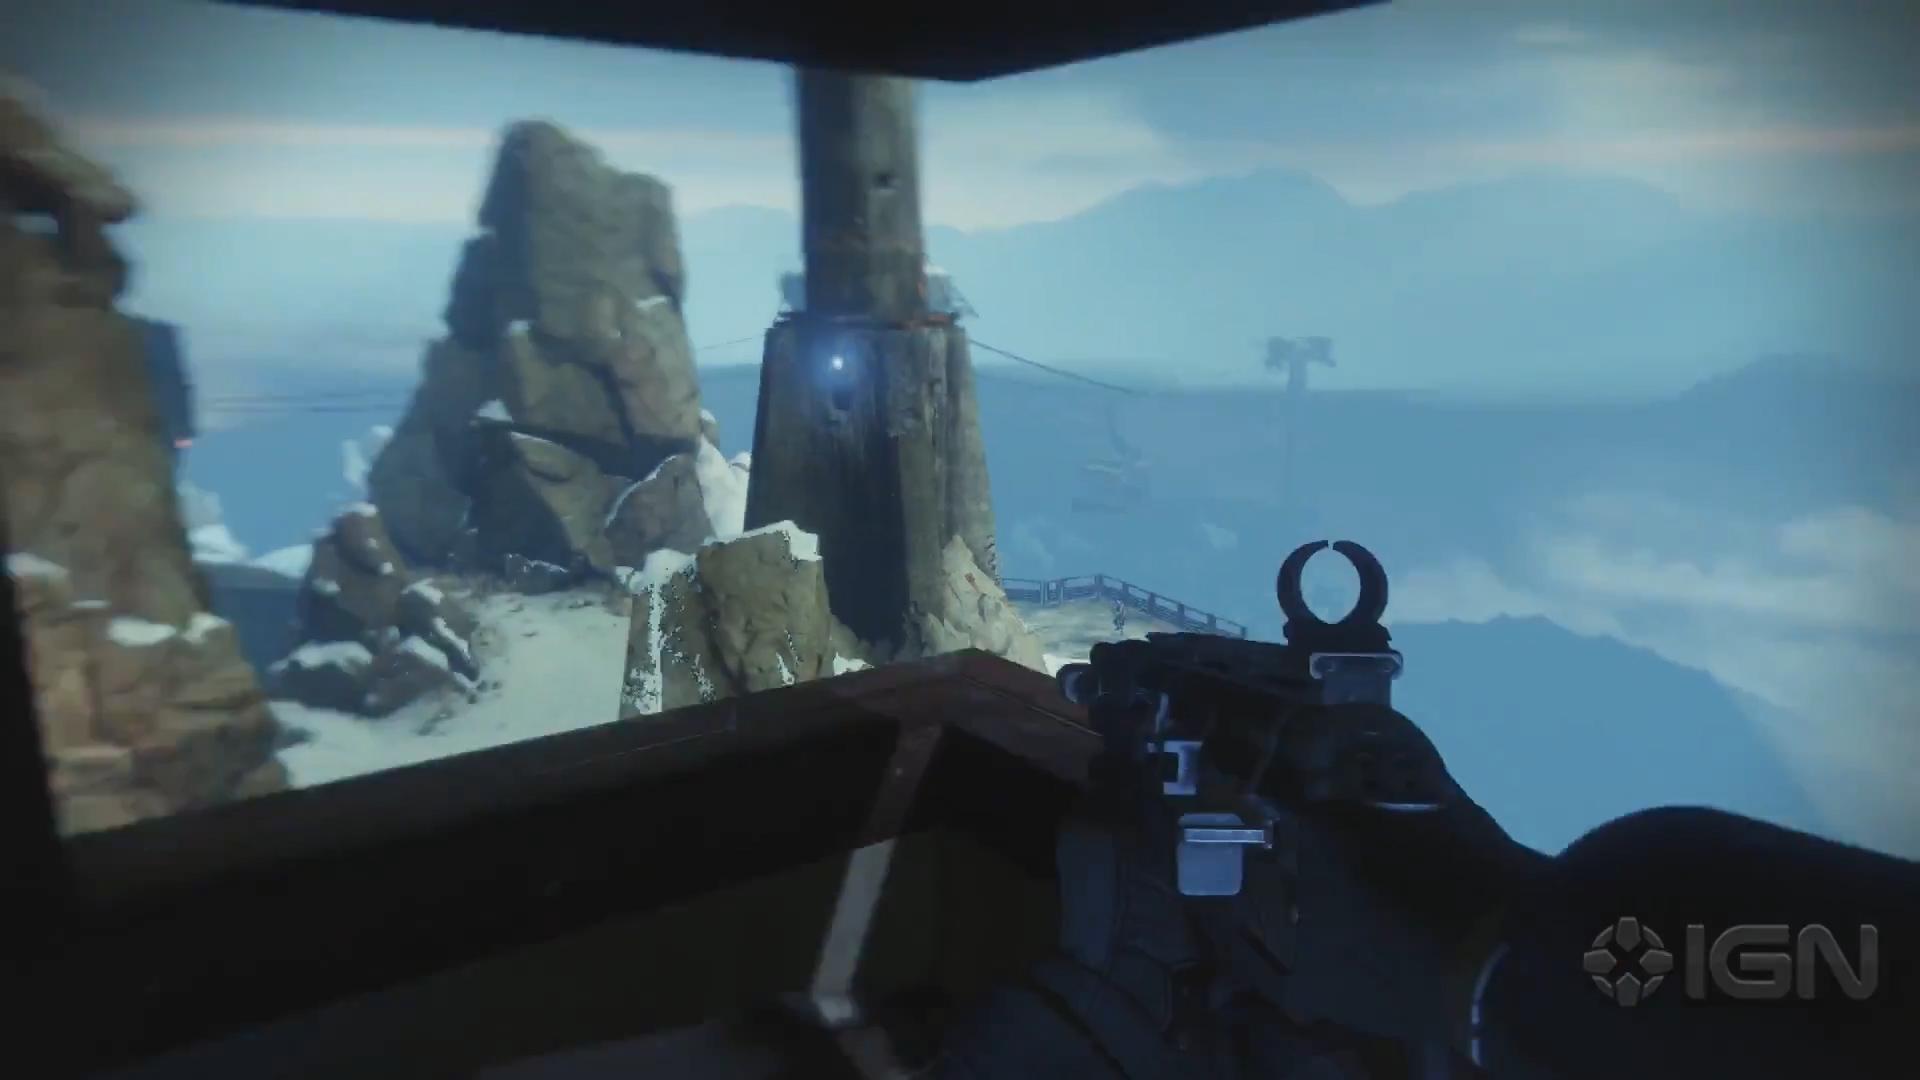 The B-flag sniper's nest.